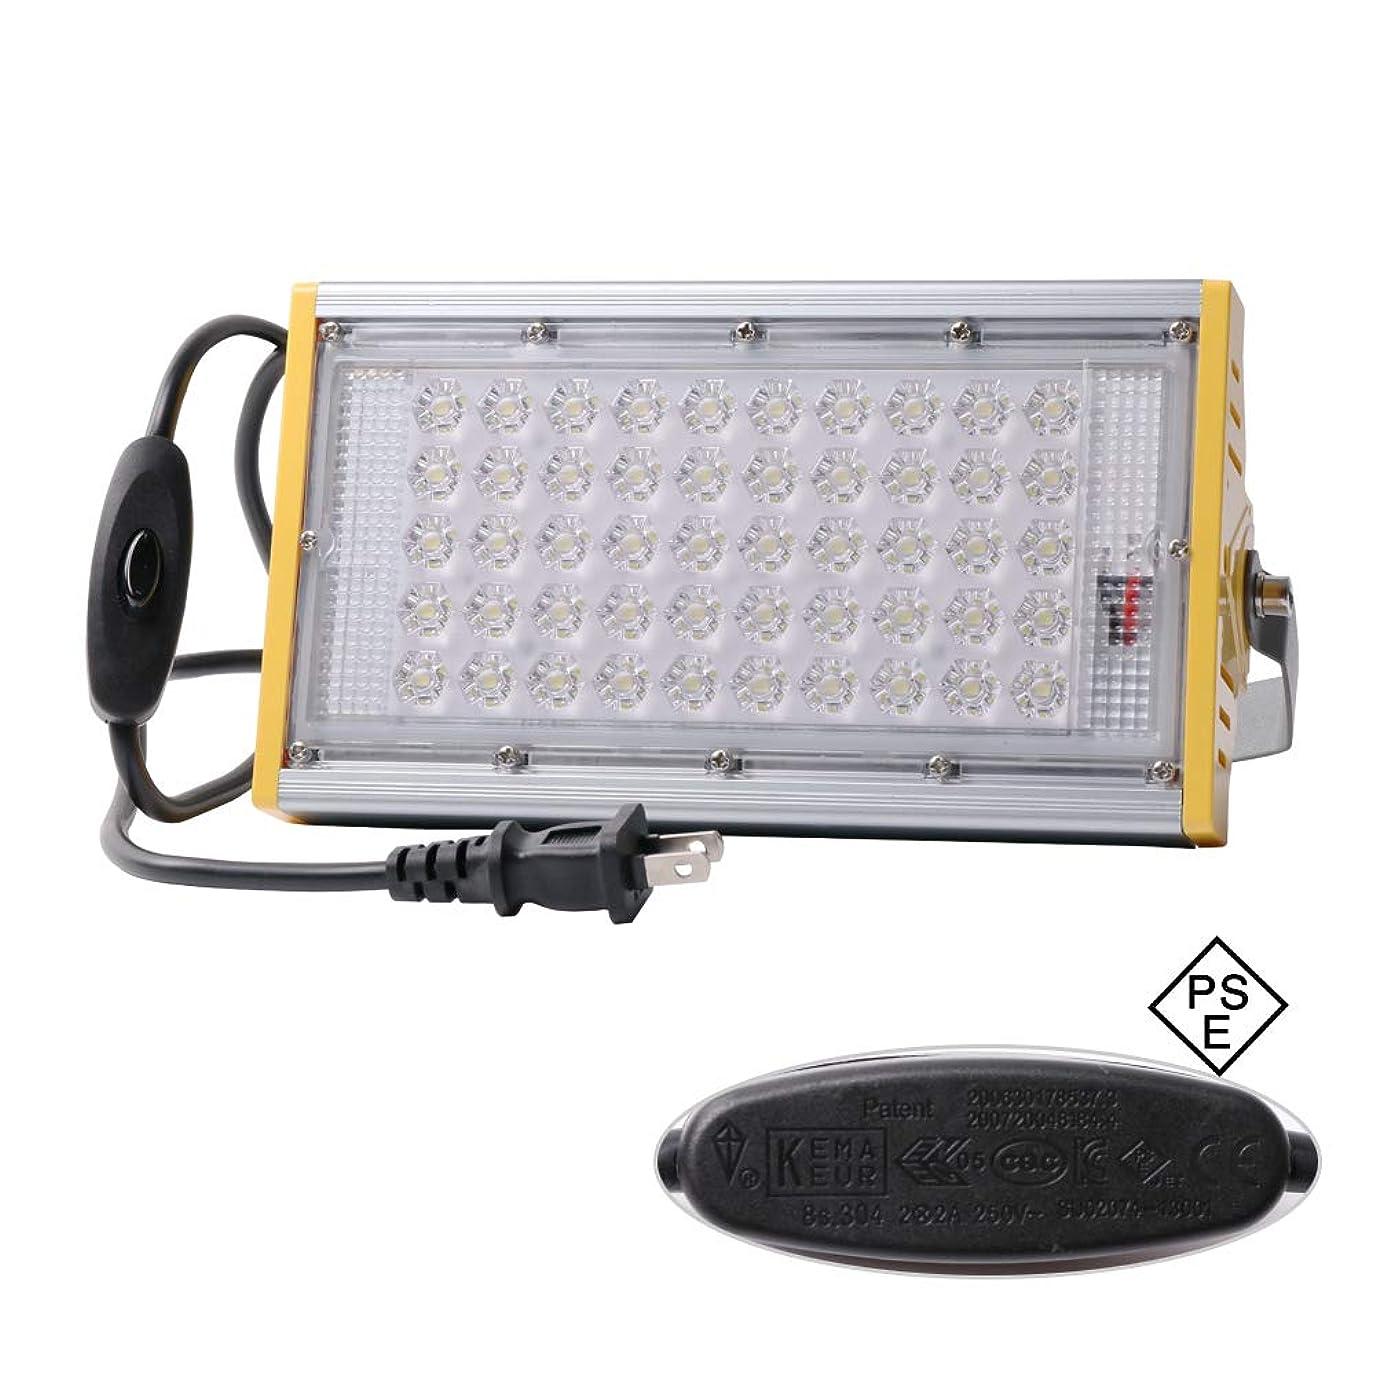 キャッチローブフェンスLED投光器 50W 改良版 屋外用 薄型 AC85~265 180°回転 led作業灯 スイッチ付 3mコード 防水防塵 防犯 作業灯 集魚灯 看板灯 駐車場 18ヶ月保証